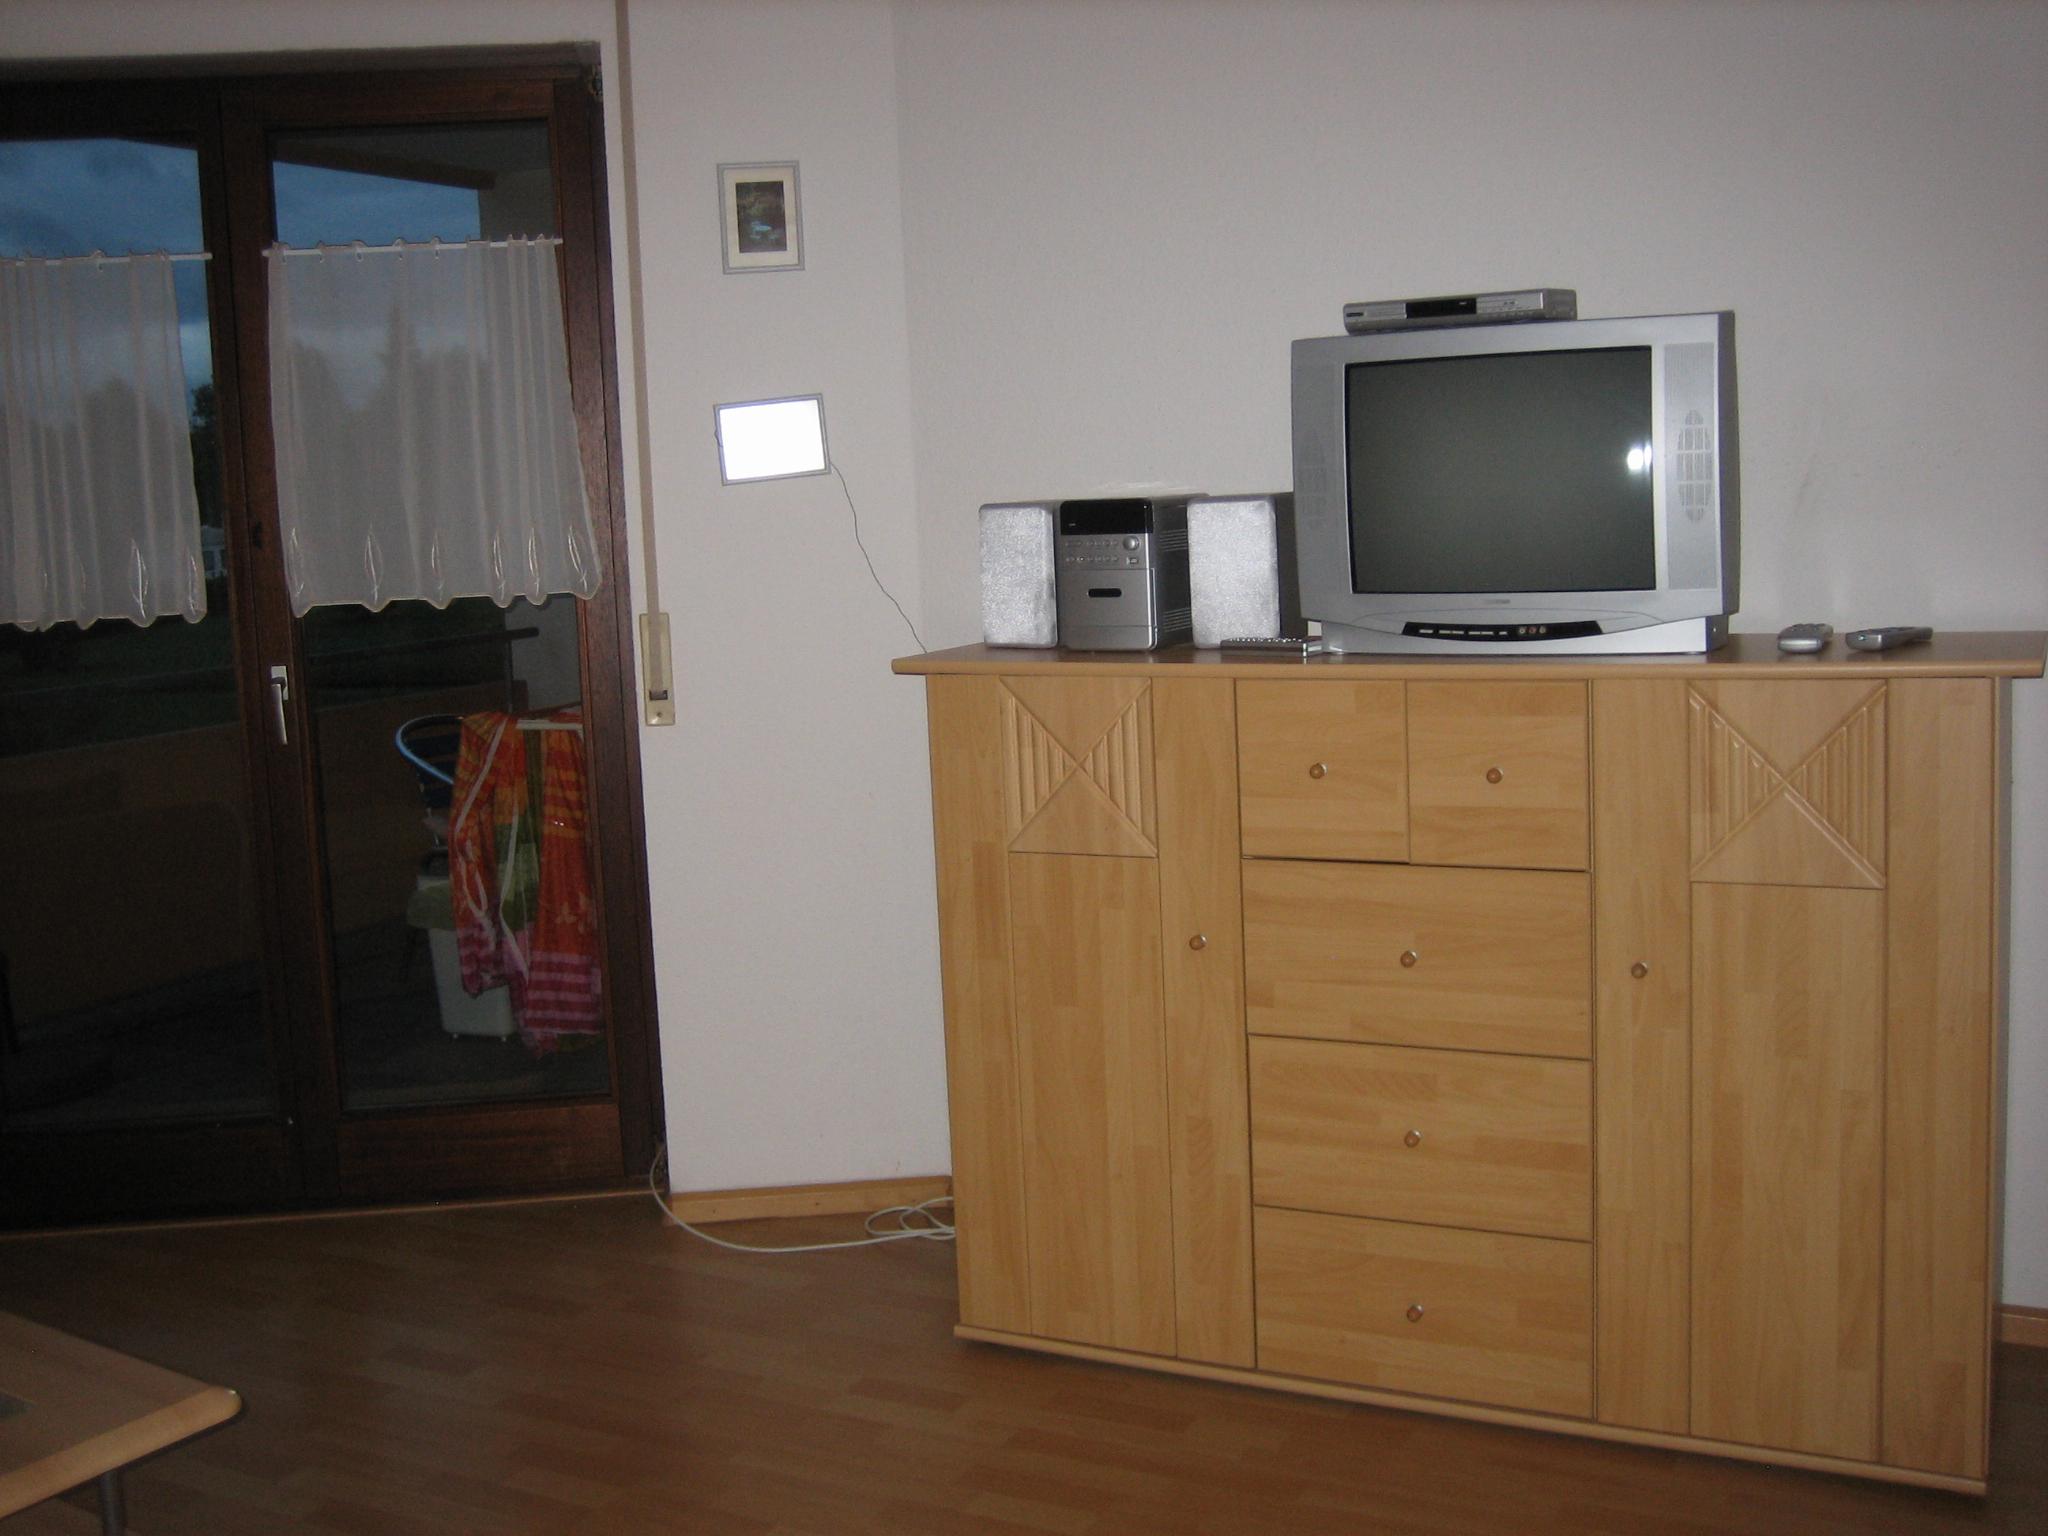 Ferienwohnungen maag efringen kirchen ferienwohnung for Wohnzimmer 80 qm